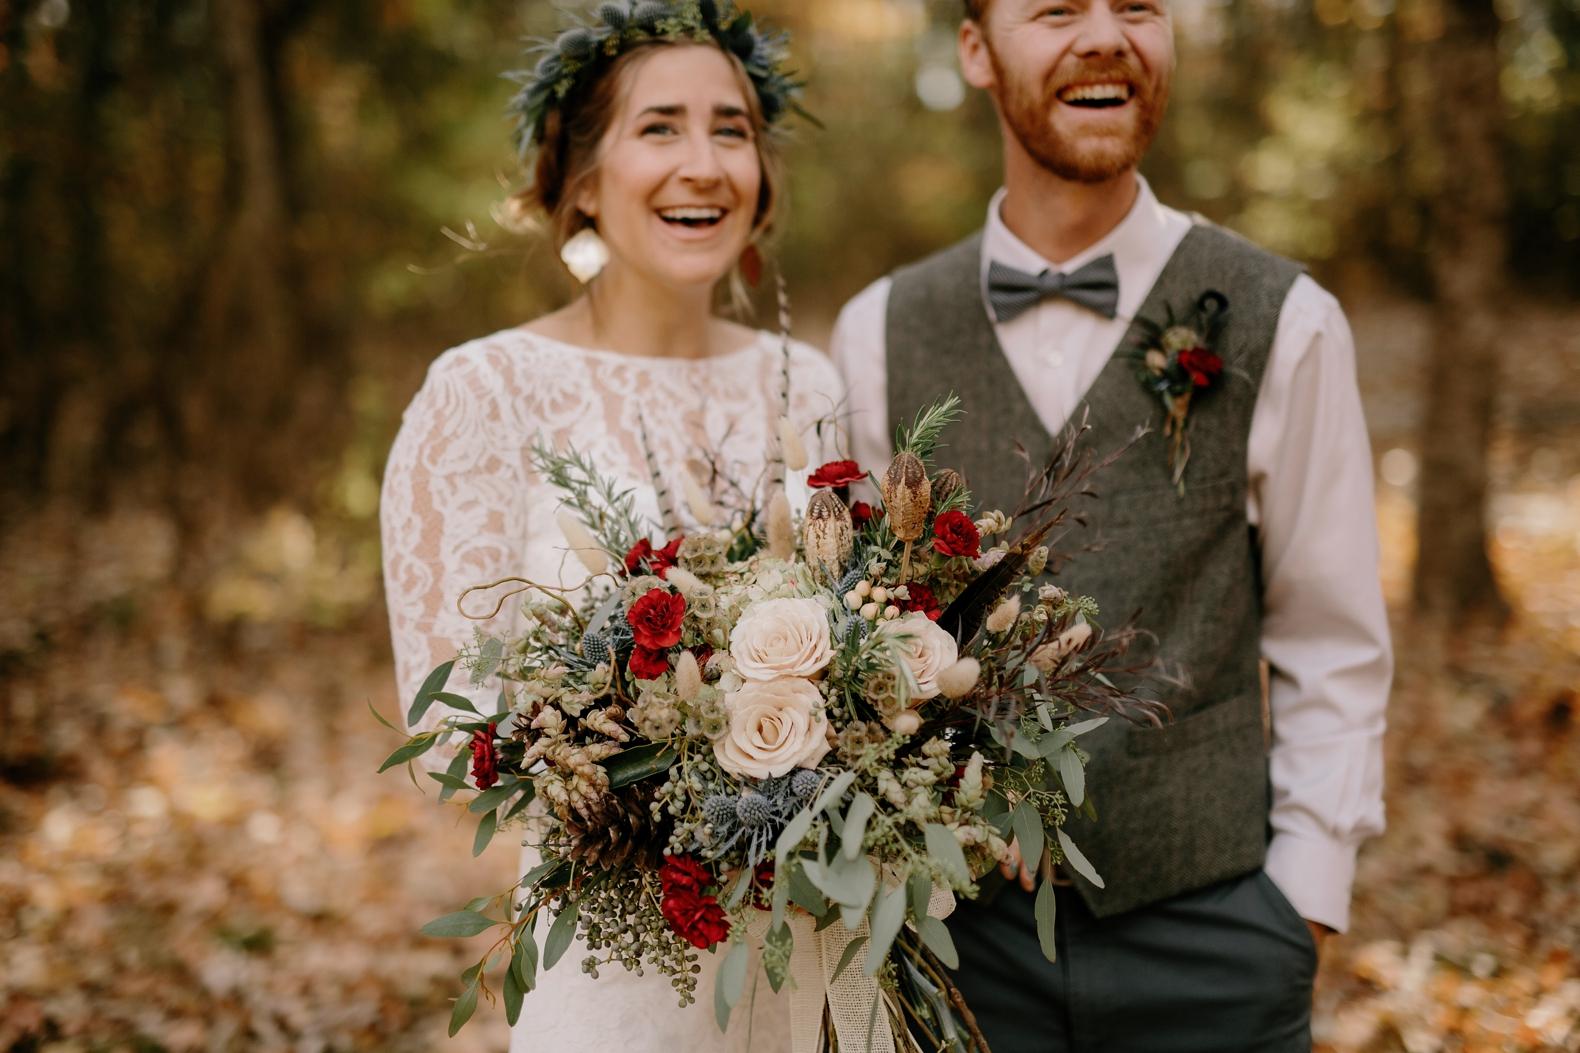 nashville-outdoor-wedding-0029